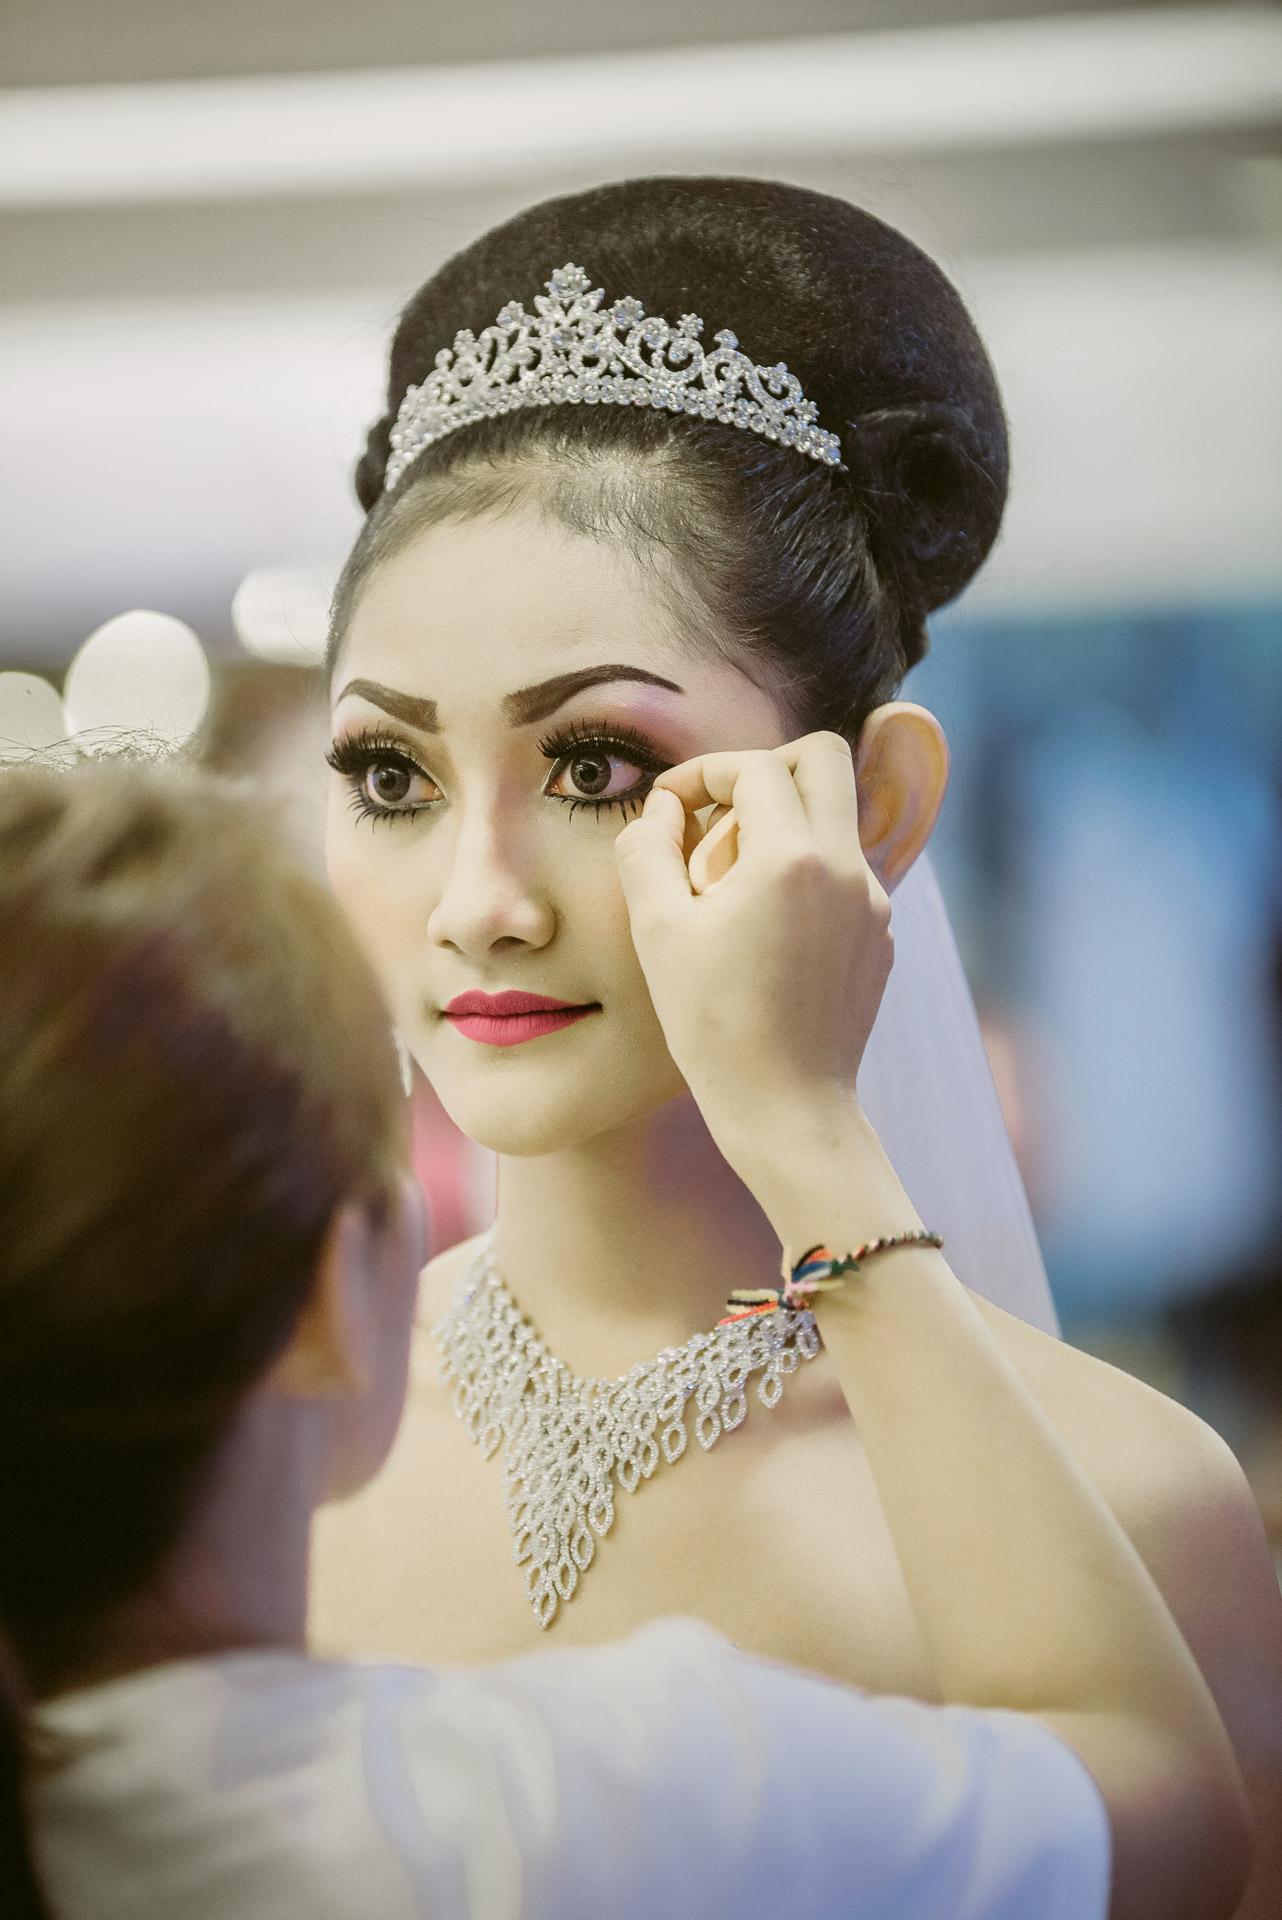 Sewa gaun bridal murah bali paket rias make up hairdo photo video dokumentasi